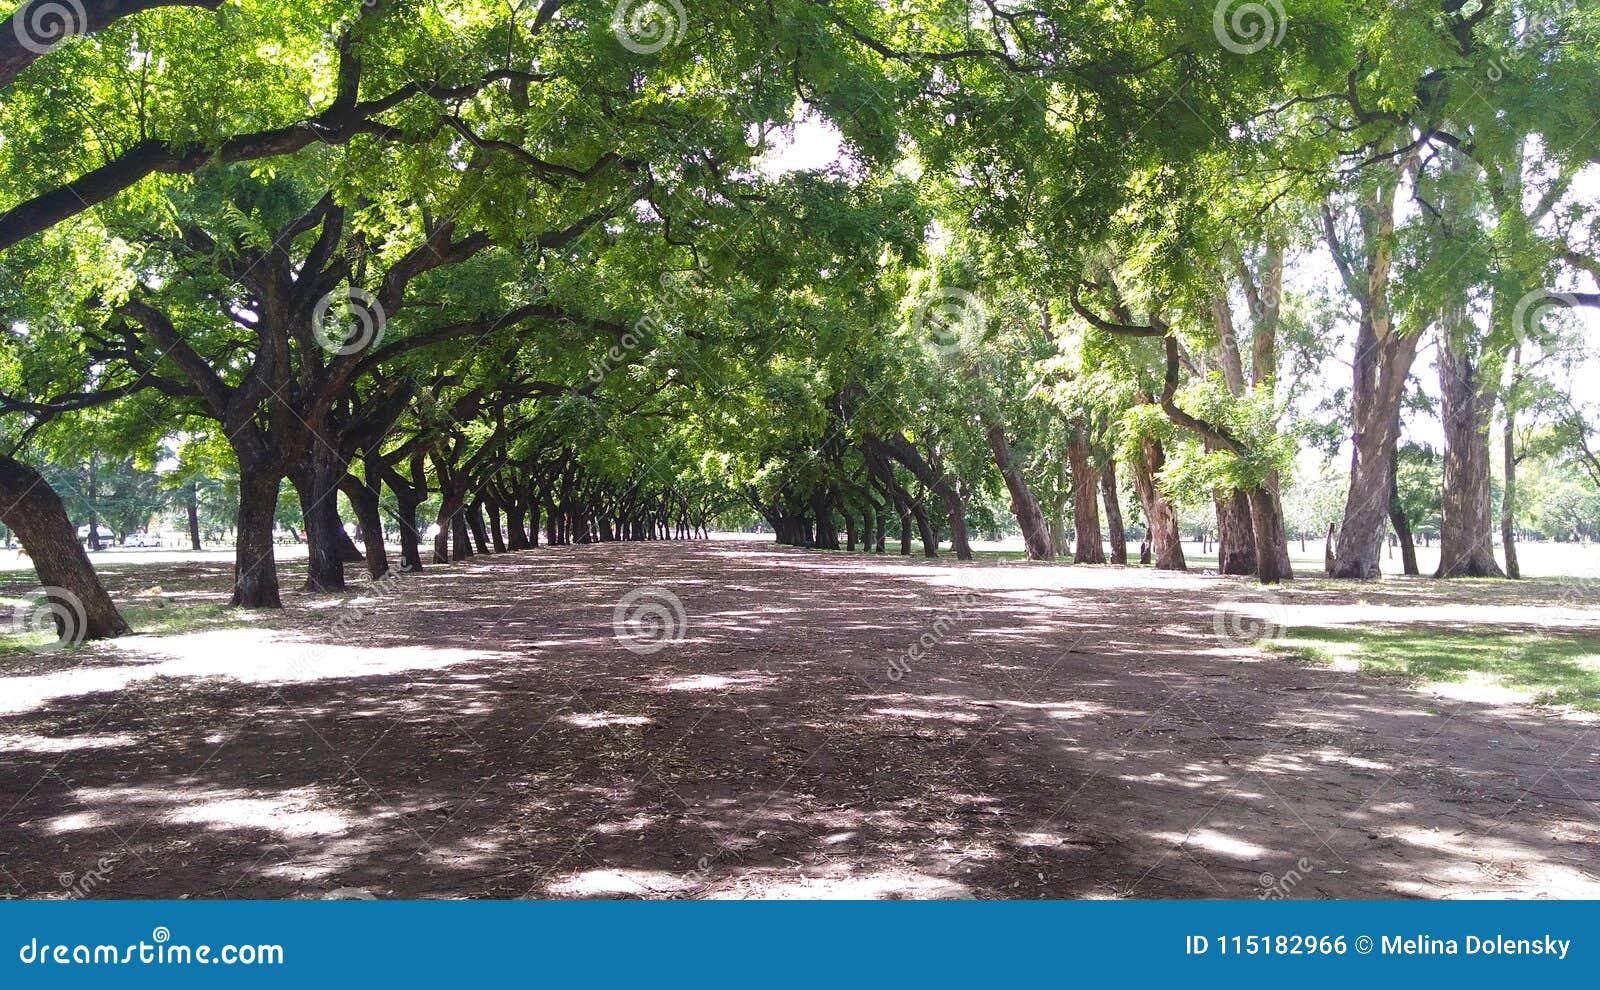 Percorso fra gli alberi, Bosques de Palermo, Buenos Aires - Argen